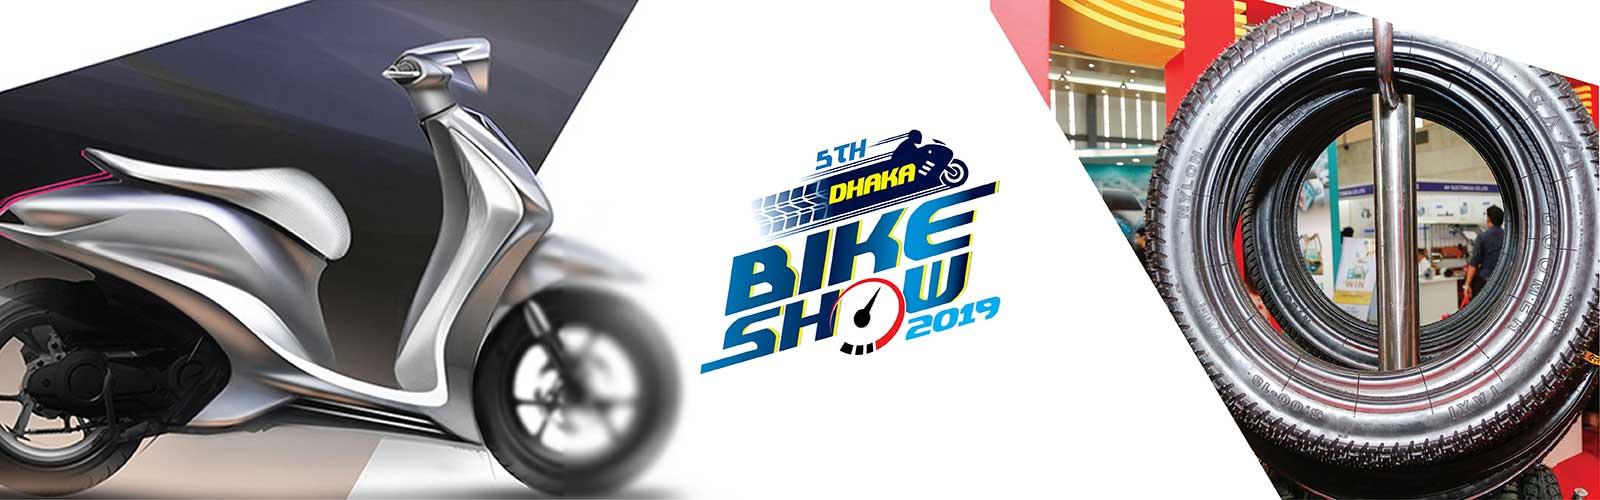 5th Dhaka Bike Show 2019